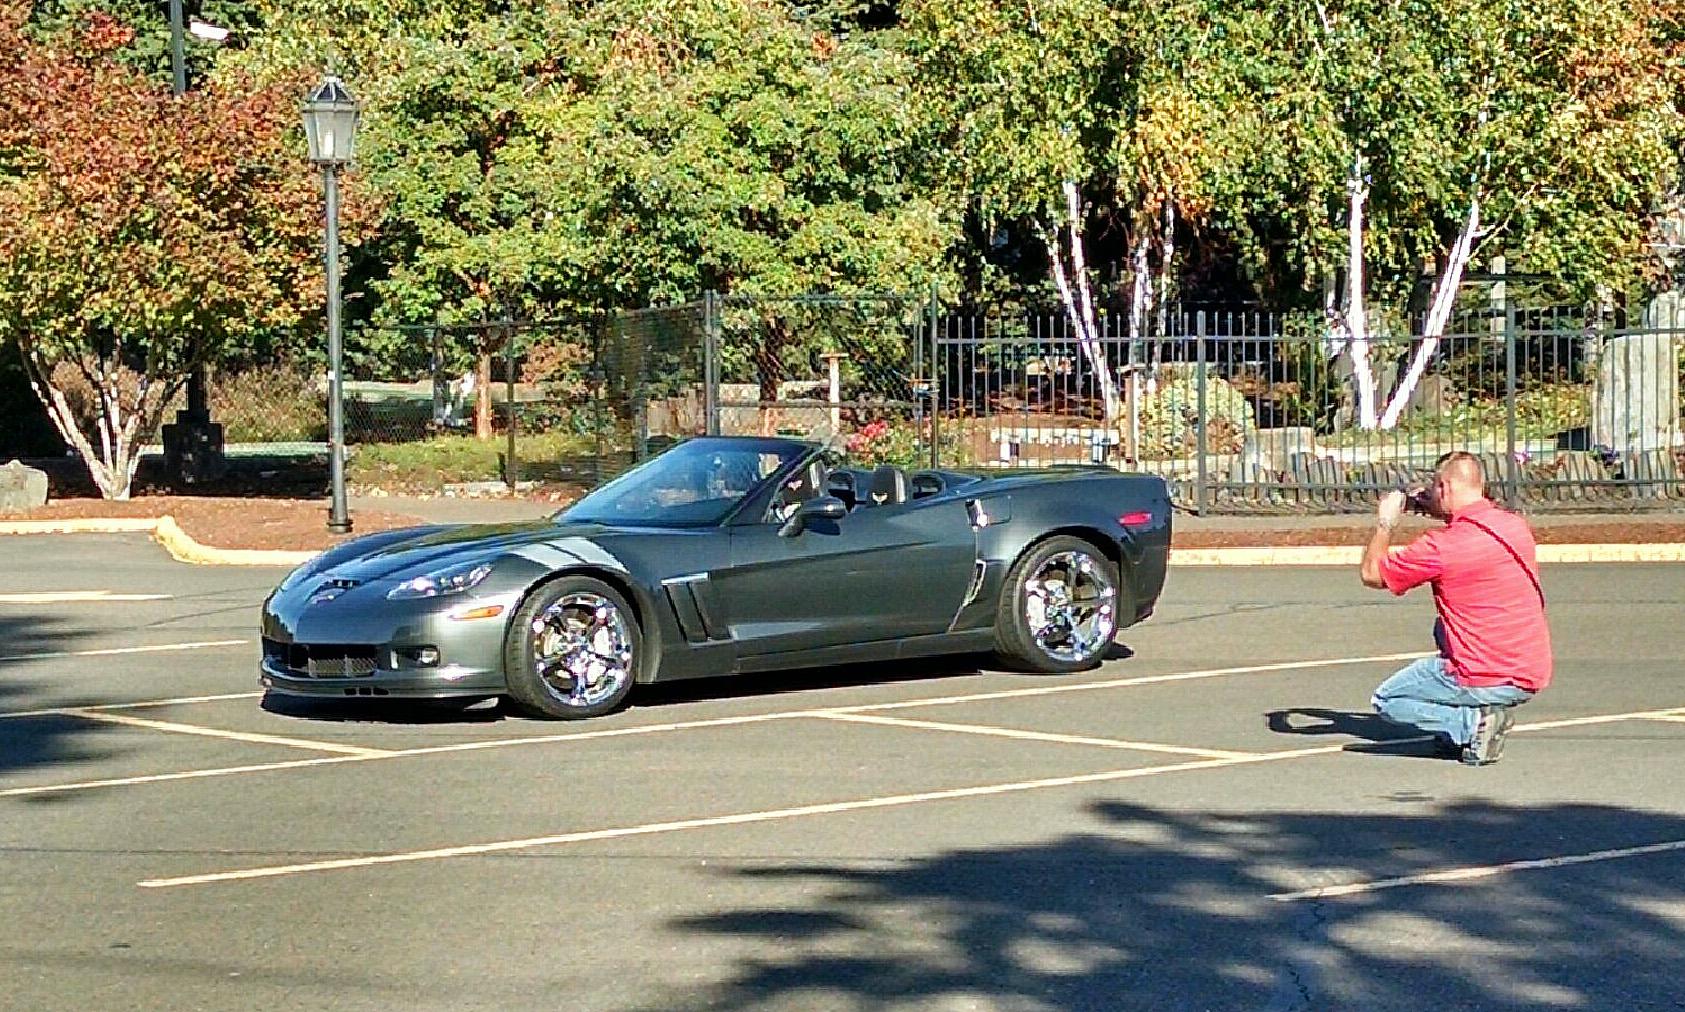 corvettepic.jpg